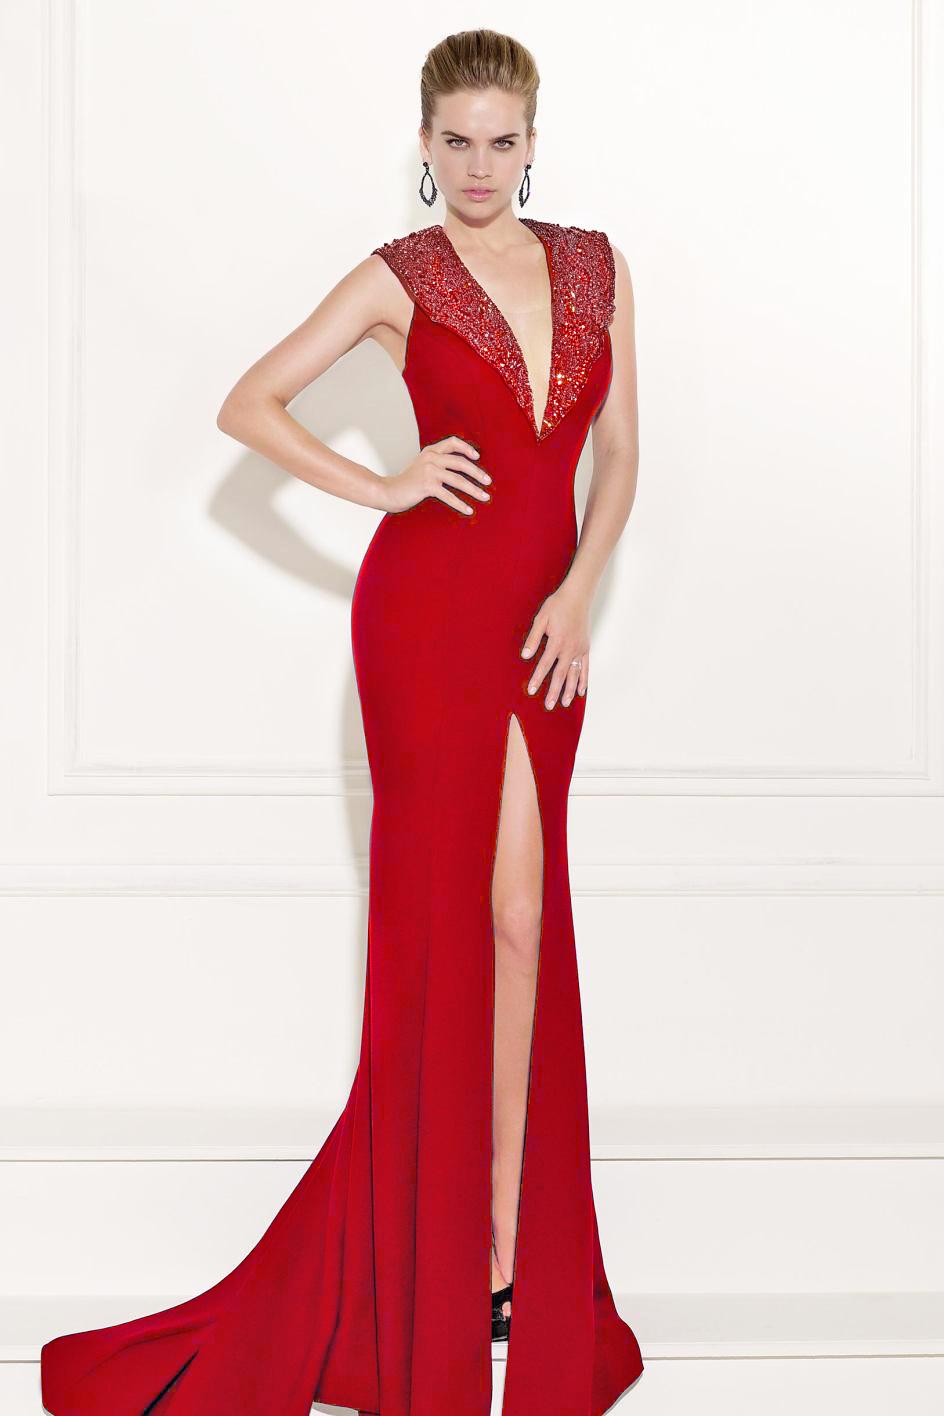 Tarik Ediz 92509 вечернее платье с разрезом на ноге, длинное, лиф украшен камнями в тон платья,цвет:красный